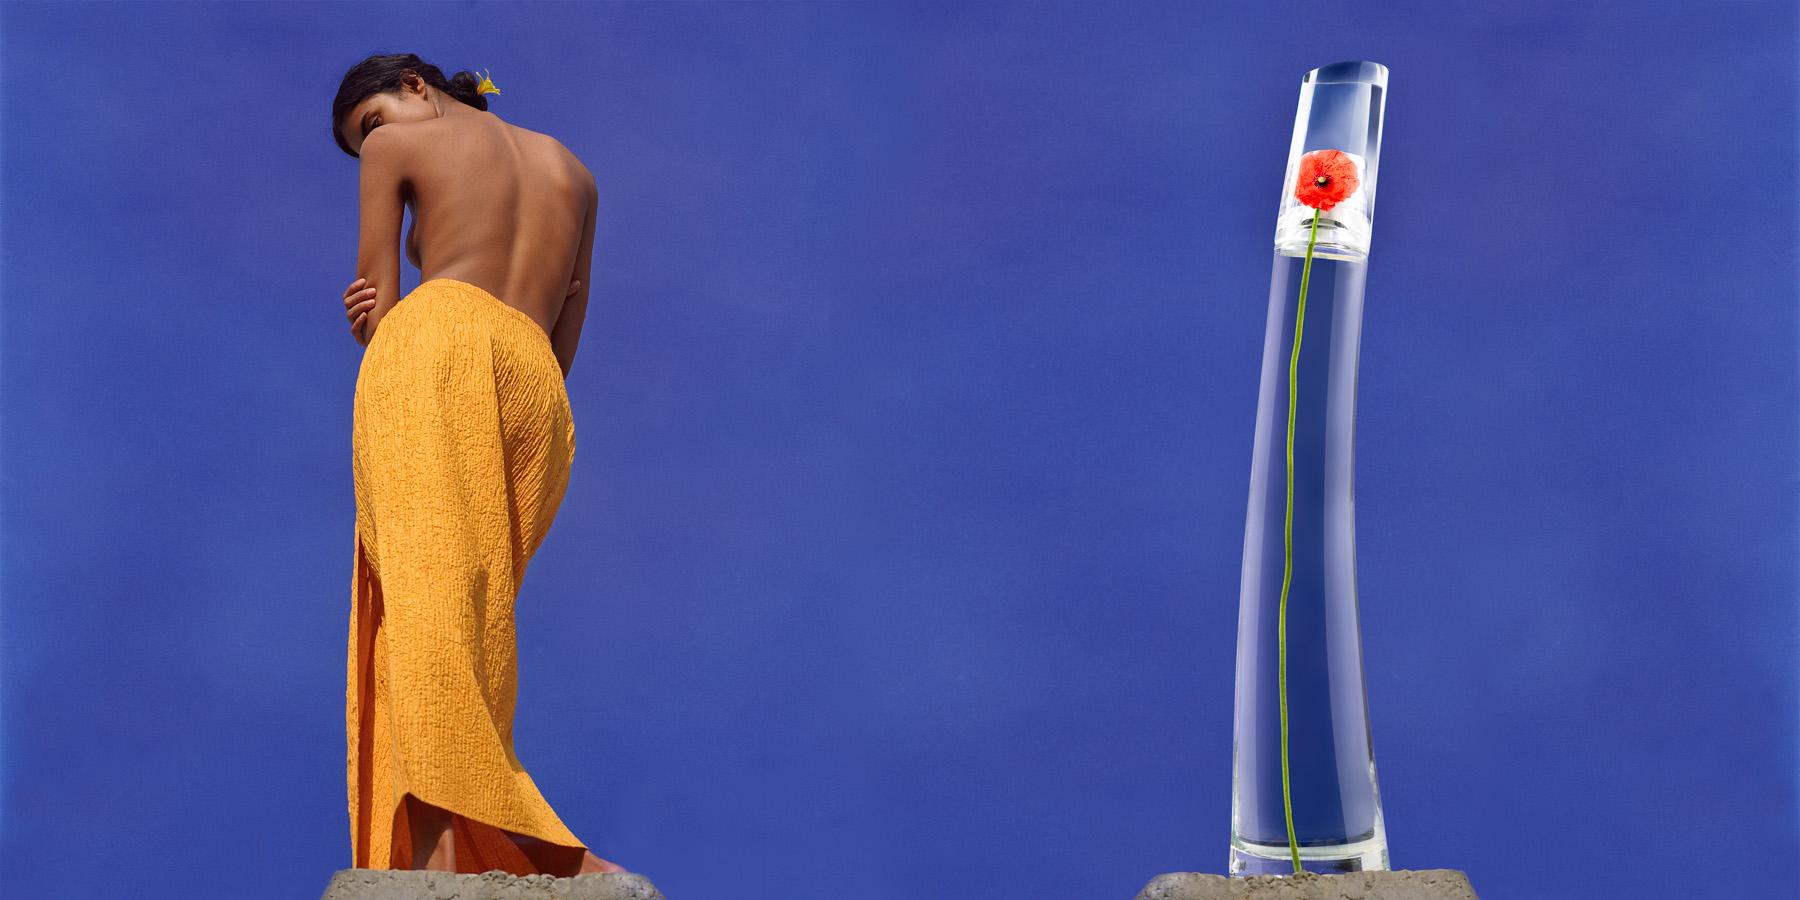 Lakshmi Menon for Kenzo